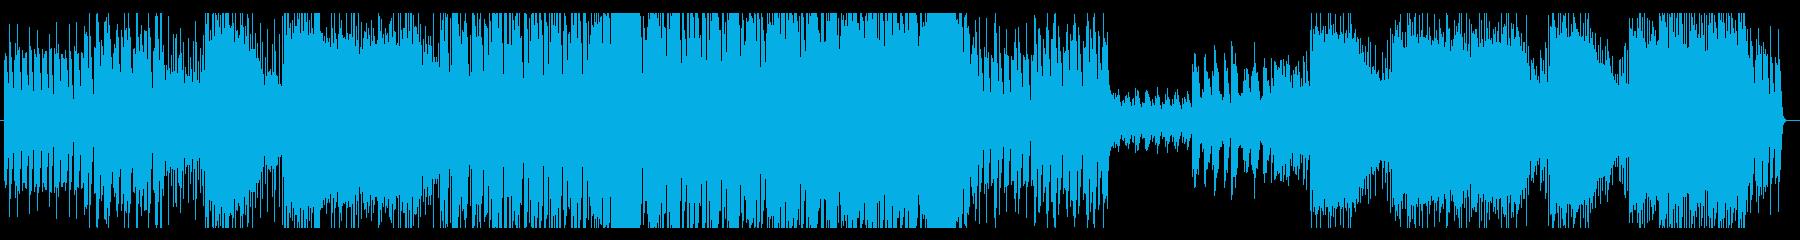 哀愁・峠道・ポップロック・ディレイ奏法の再生済みの波形